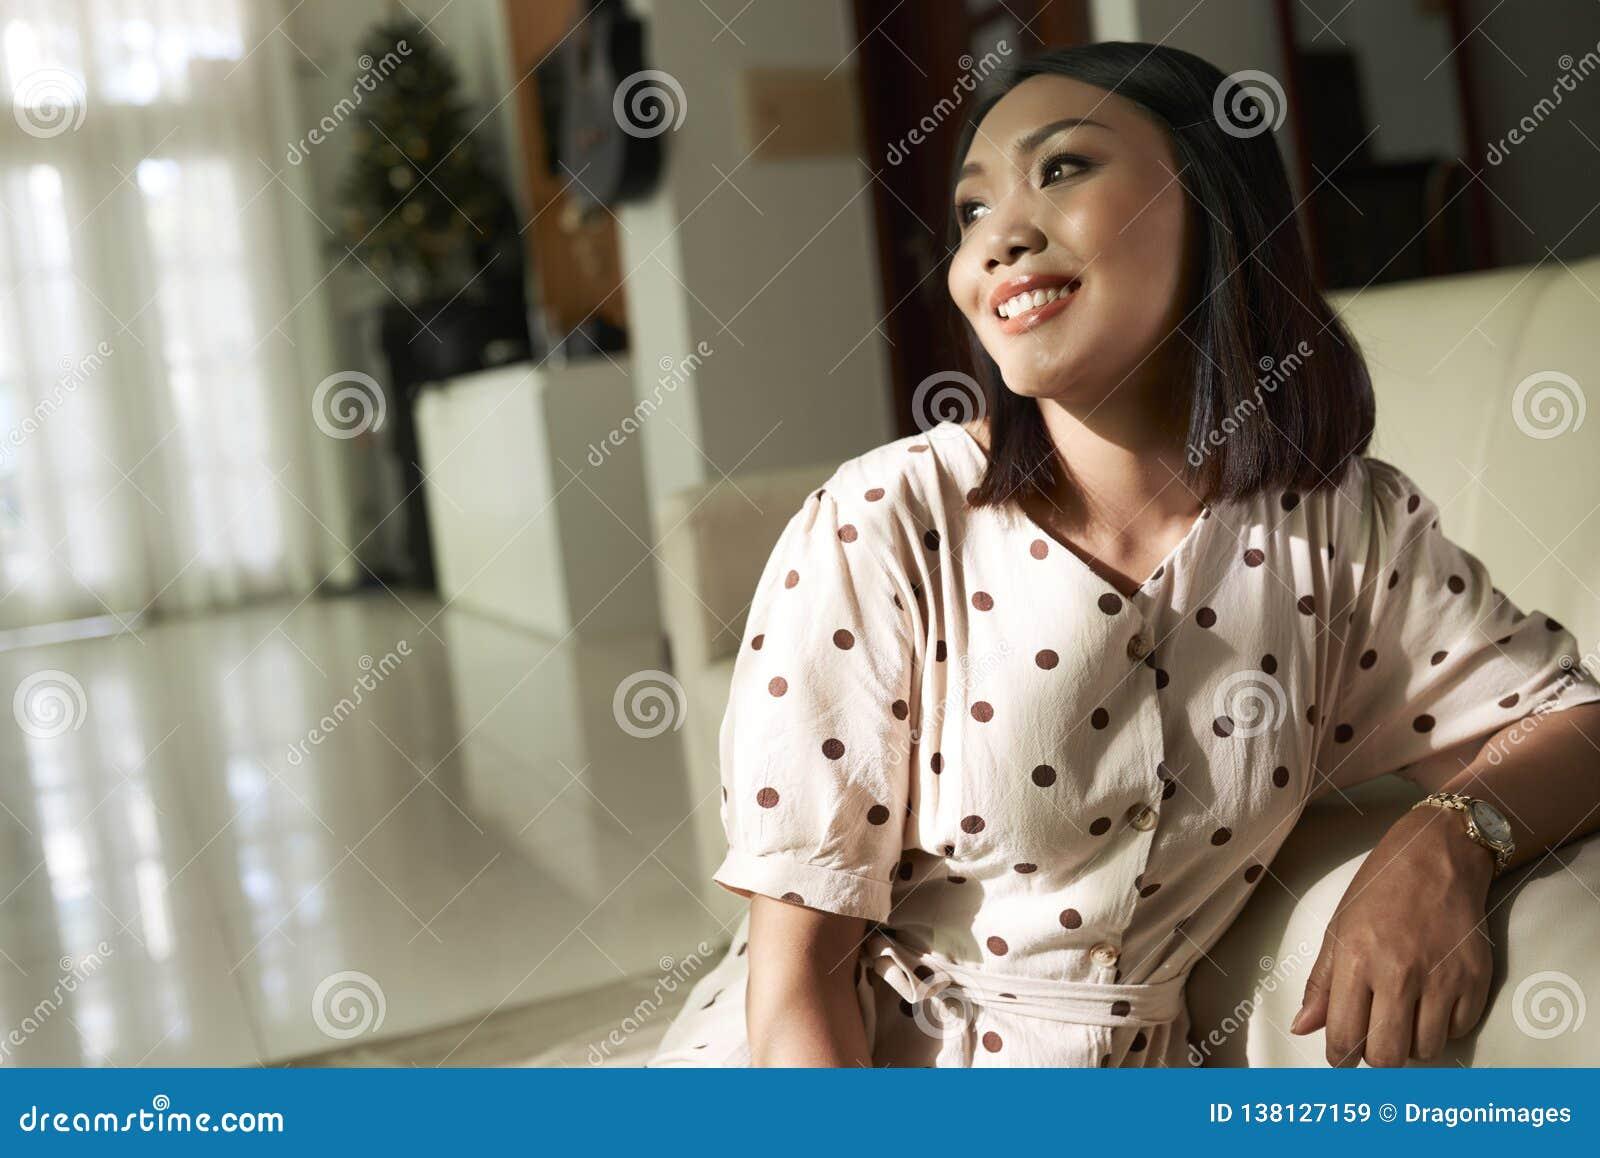 Πανέμορφη χαμογελώντας νέα γυναίκα